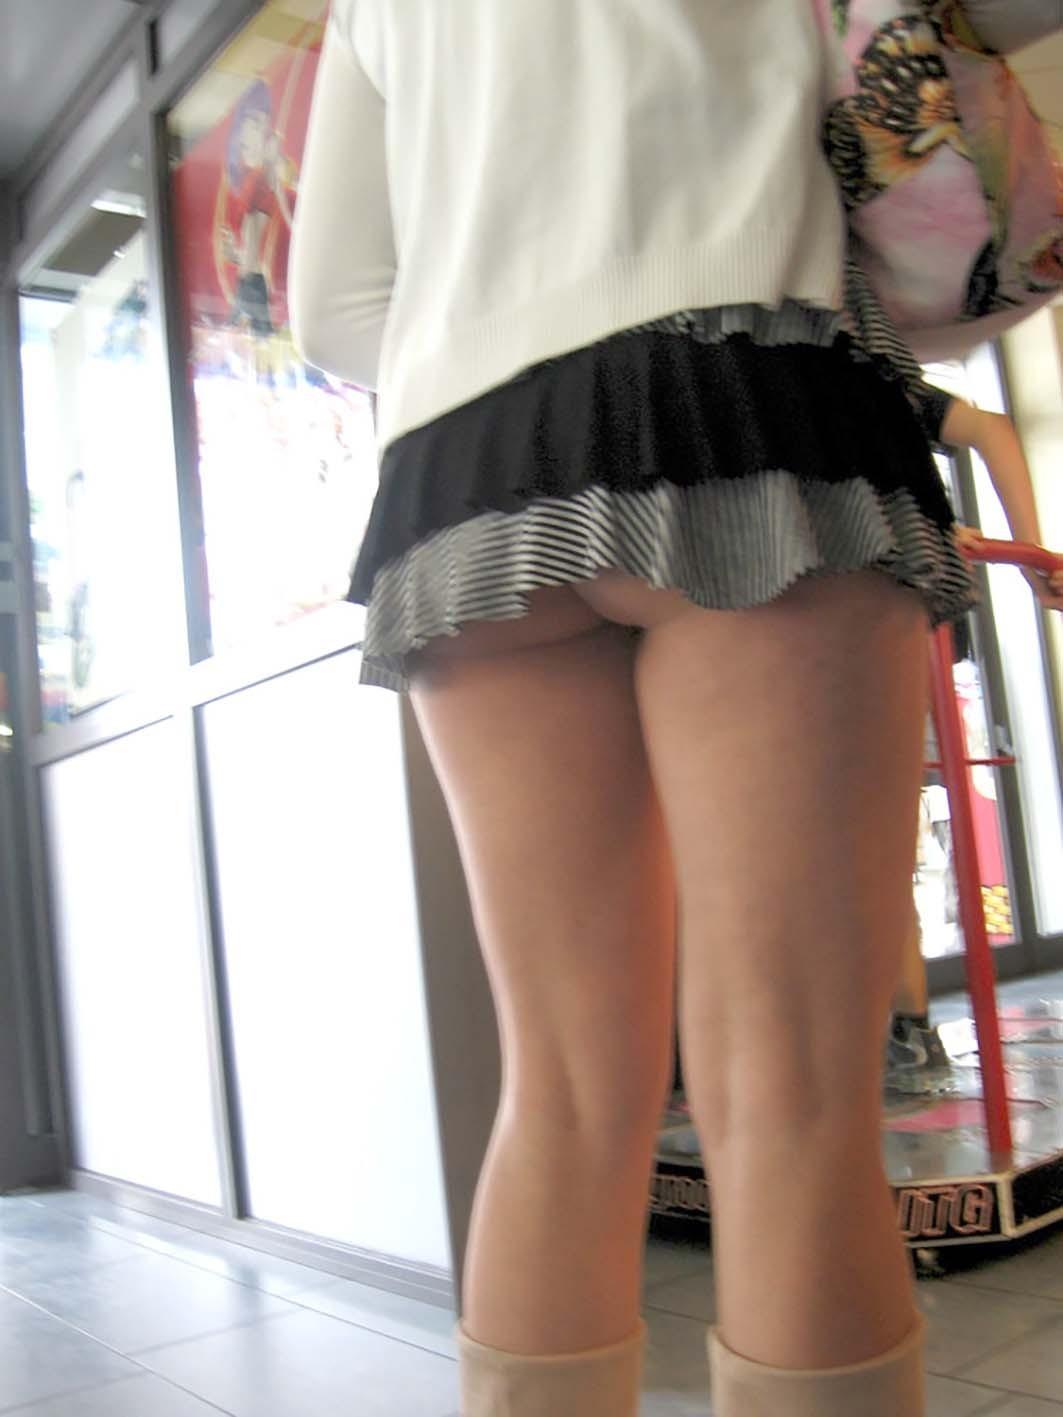 スカート短すぎて常時パンチラ…街中で見つけた恥知らず娘がこちらwwww